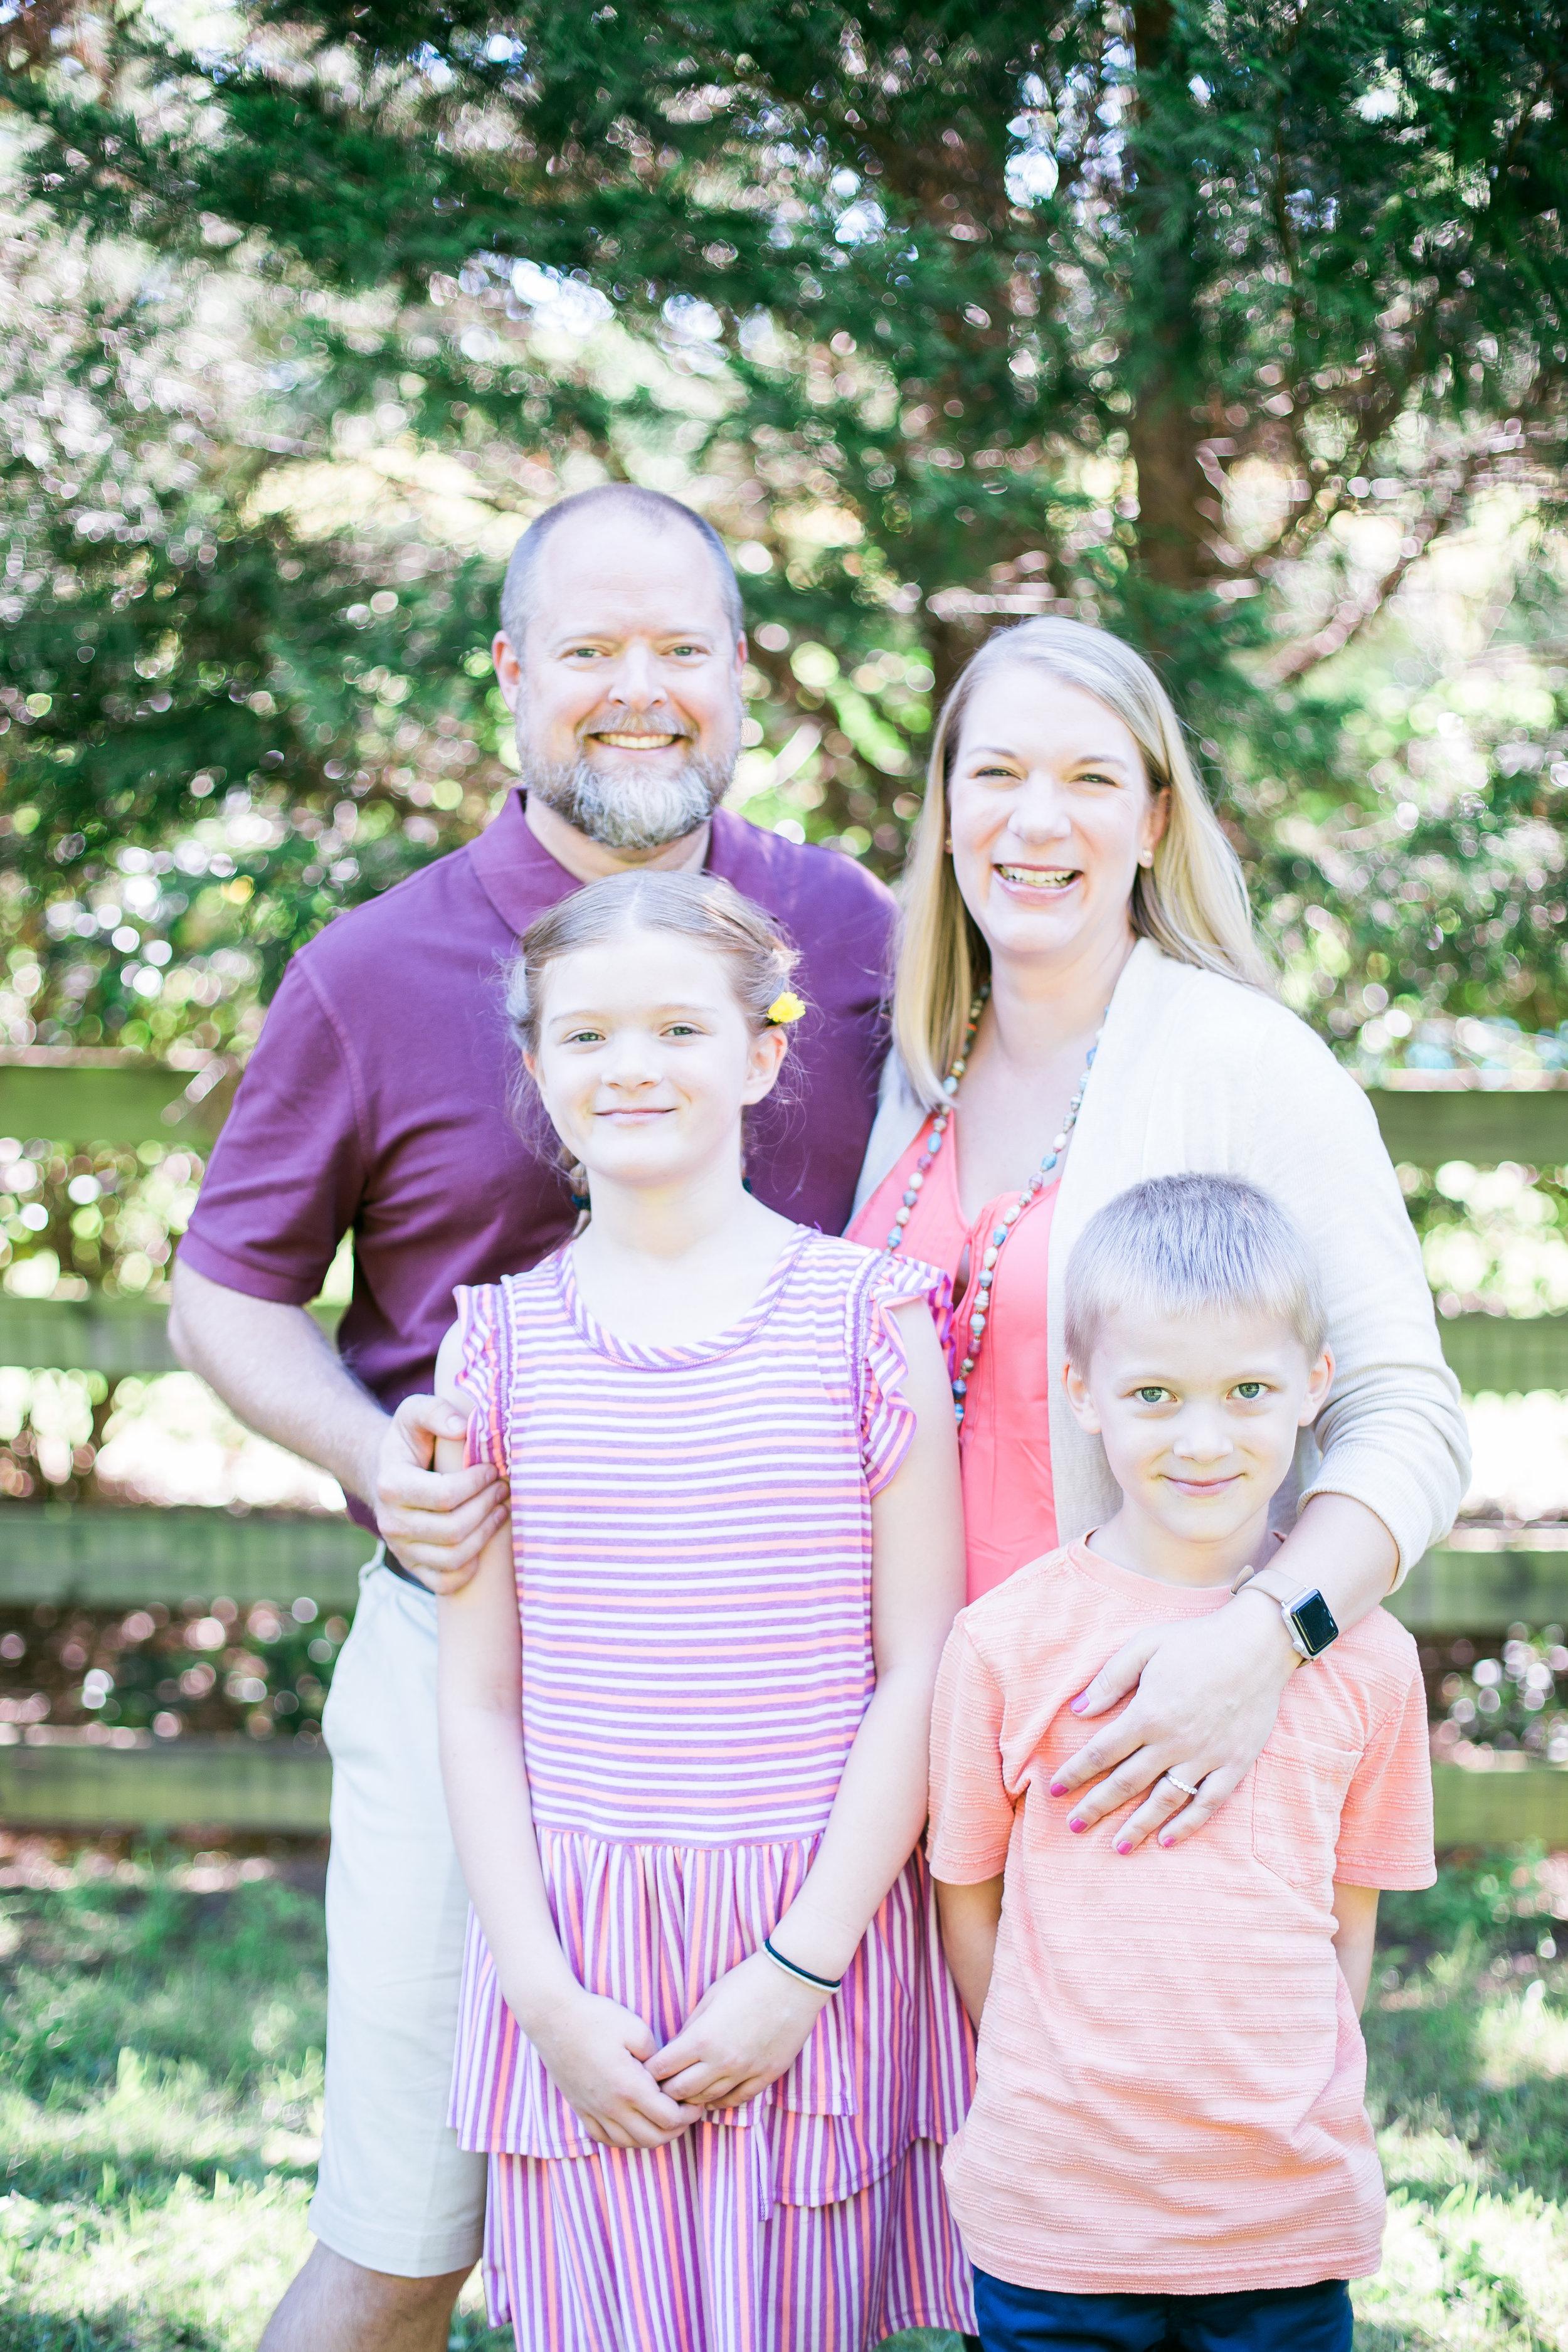 andersonfamily10.jpg